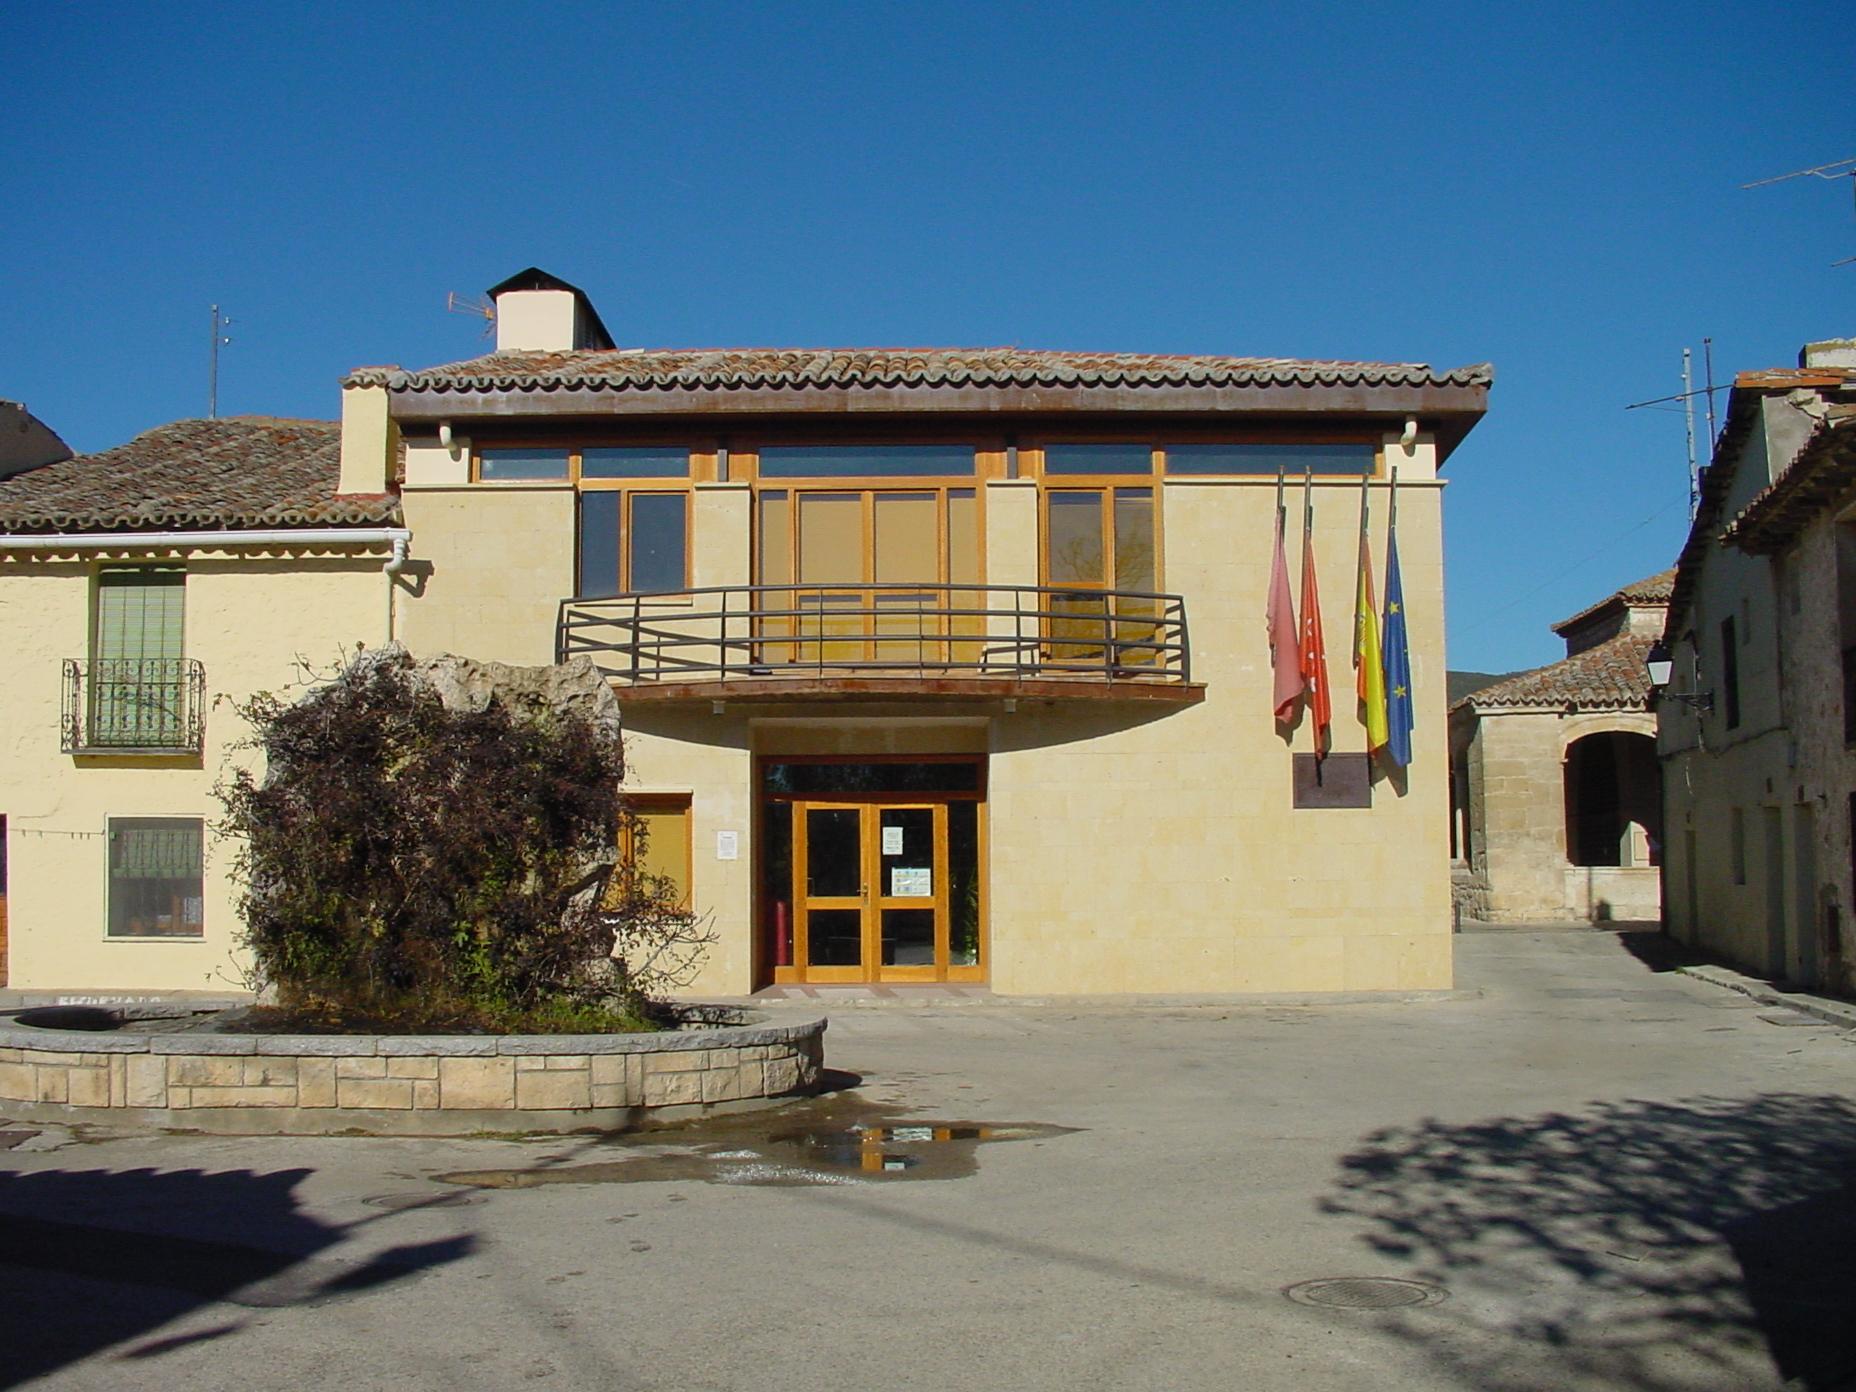 Ayuntamiento de Torremocha del Jarama